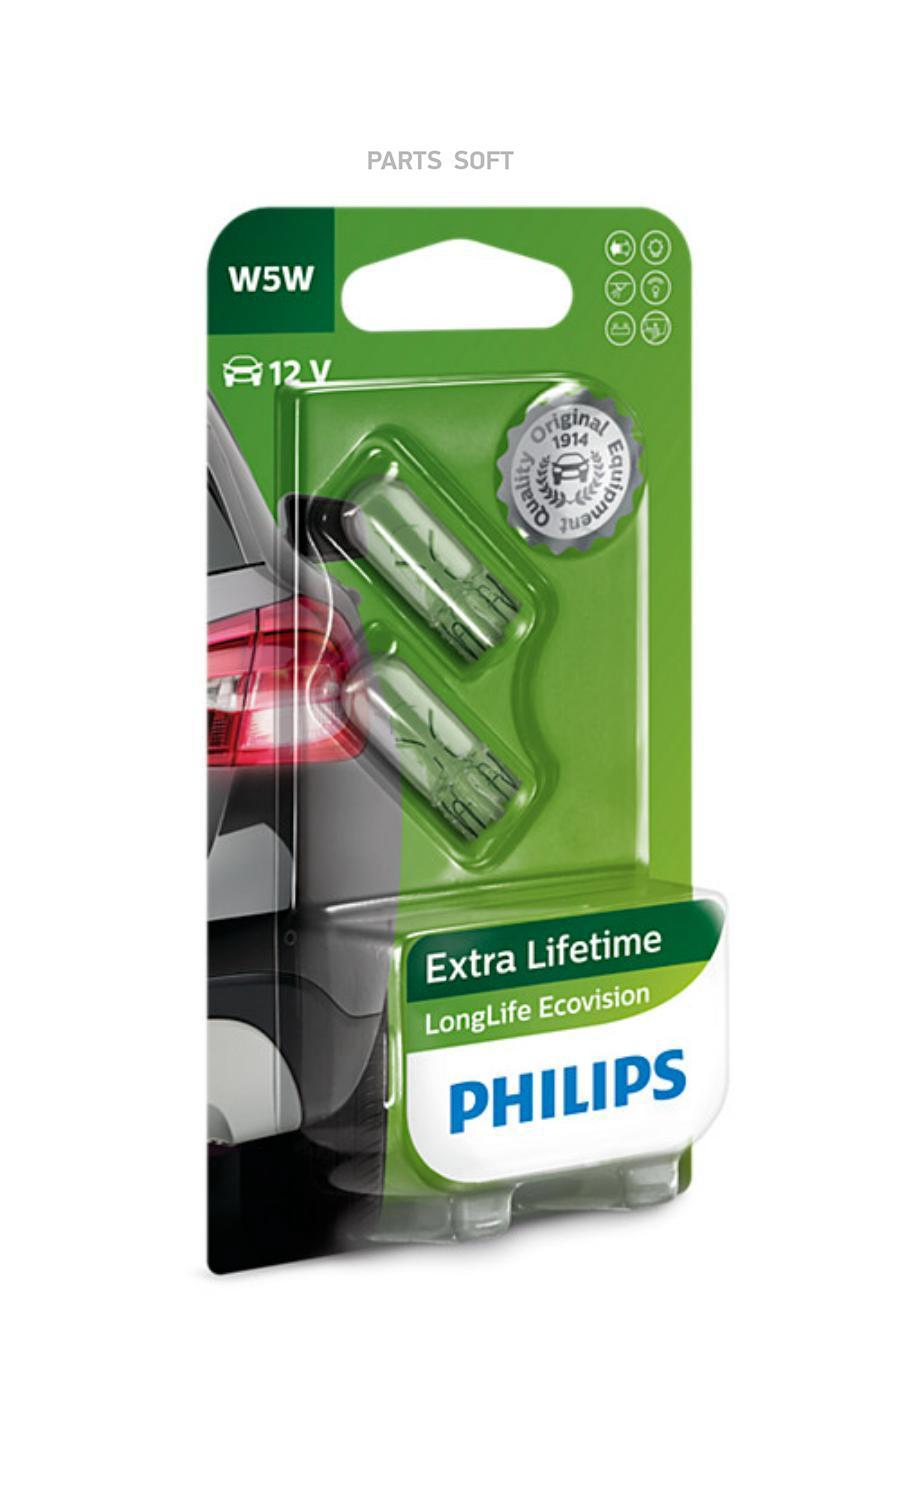 Лампа W5W LongLife EcoVision 12V 5W B2